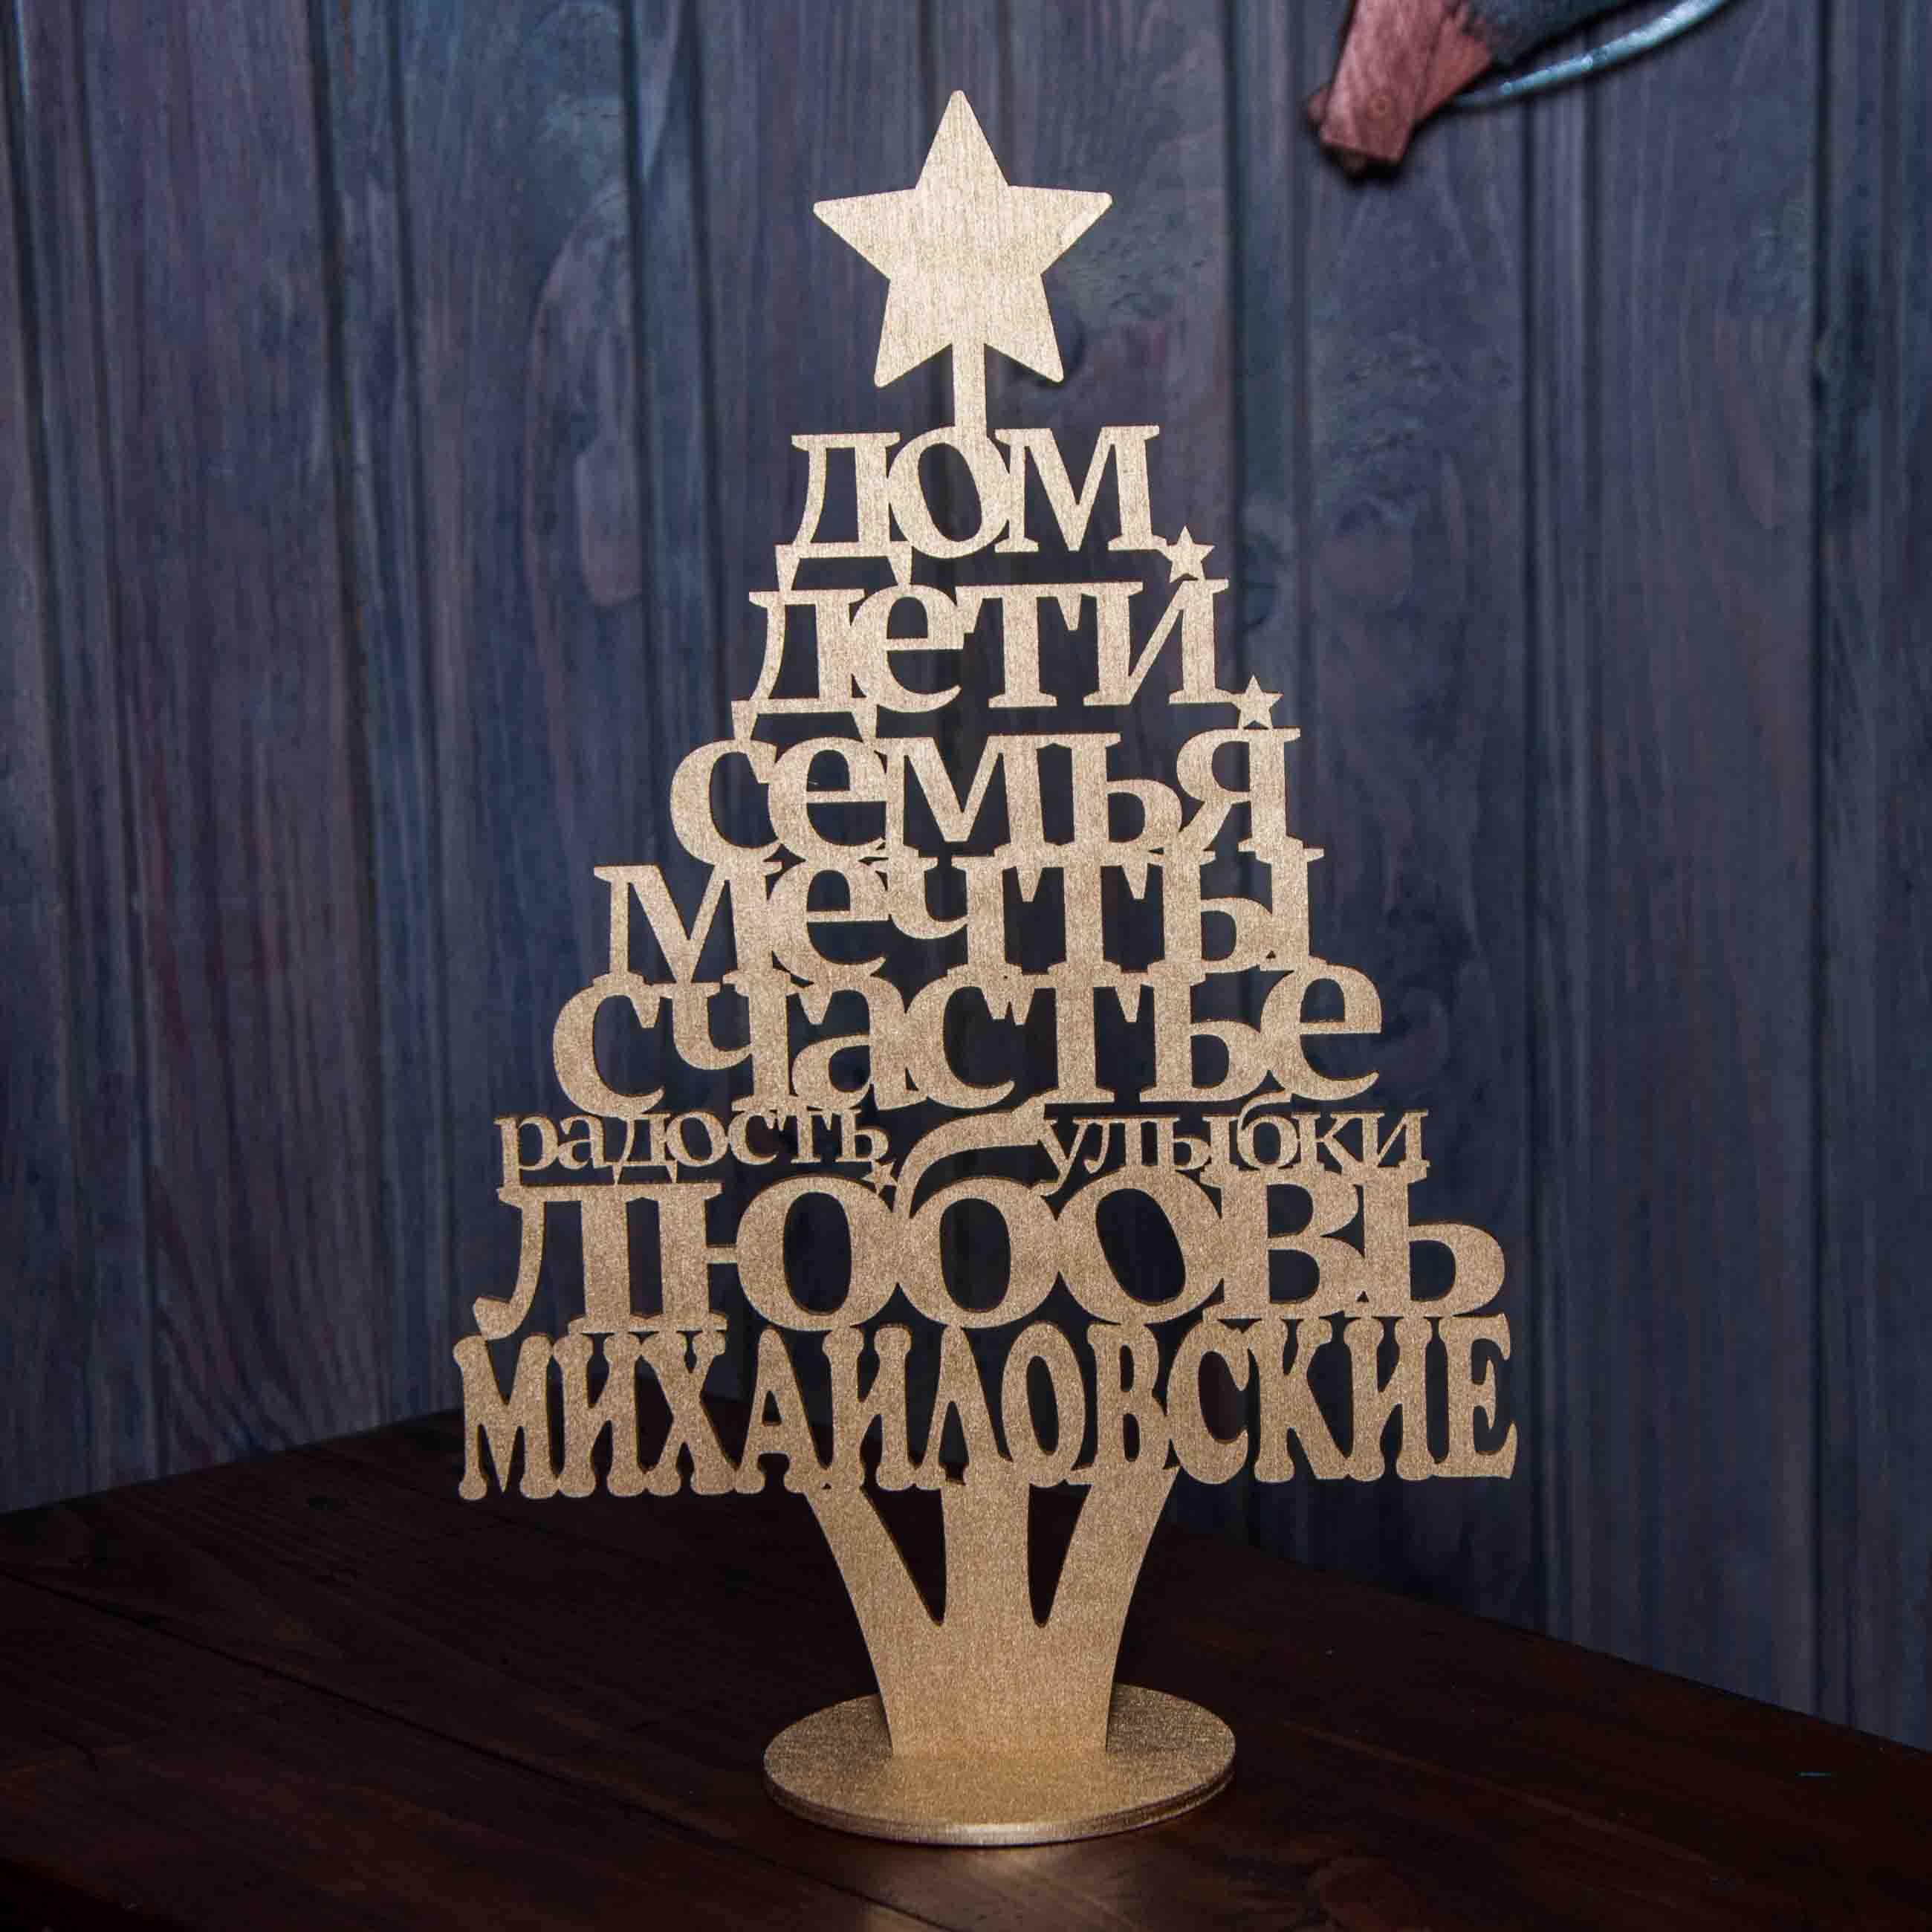 елка из слов